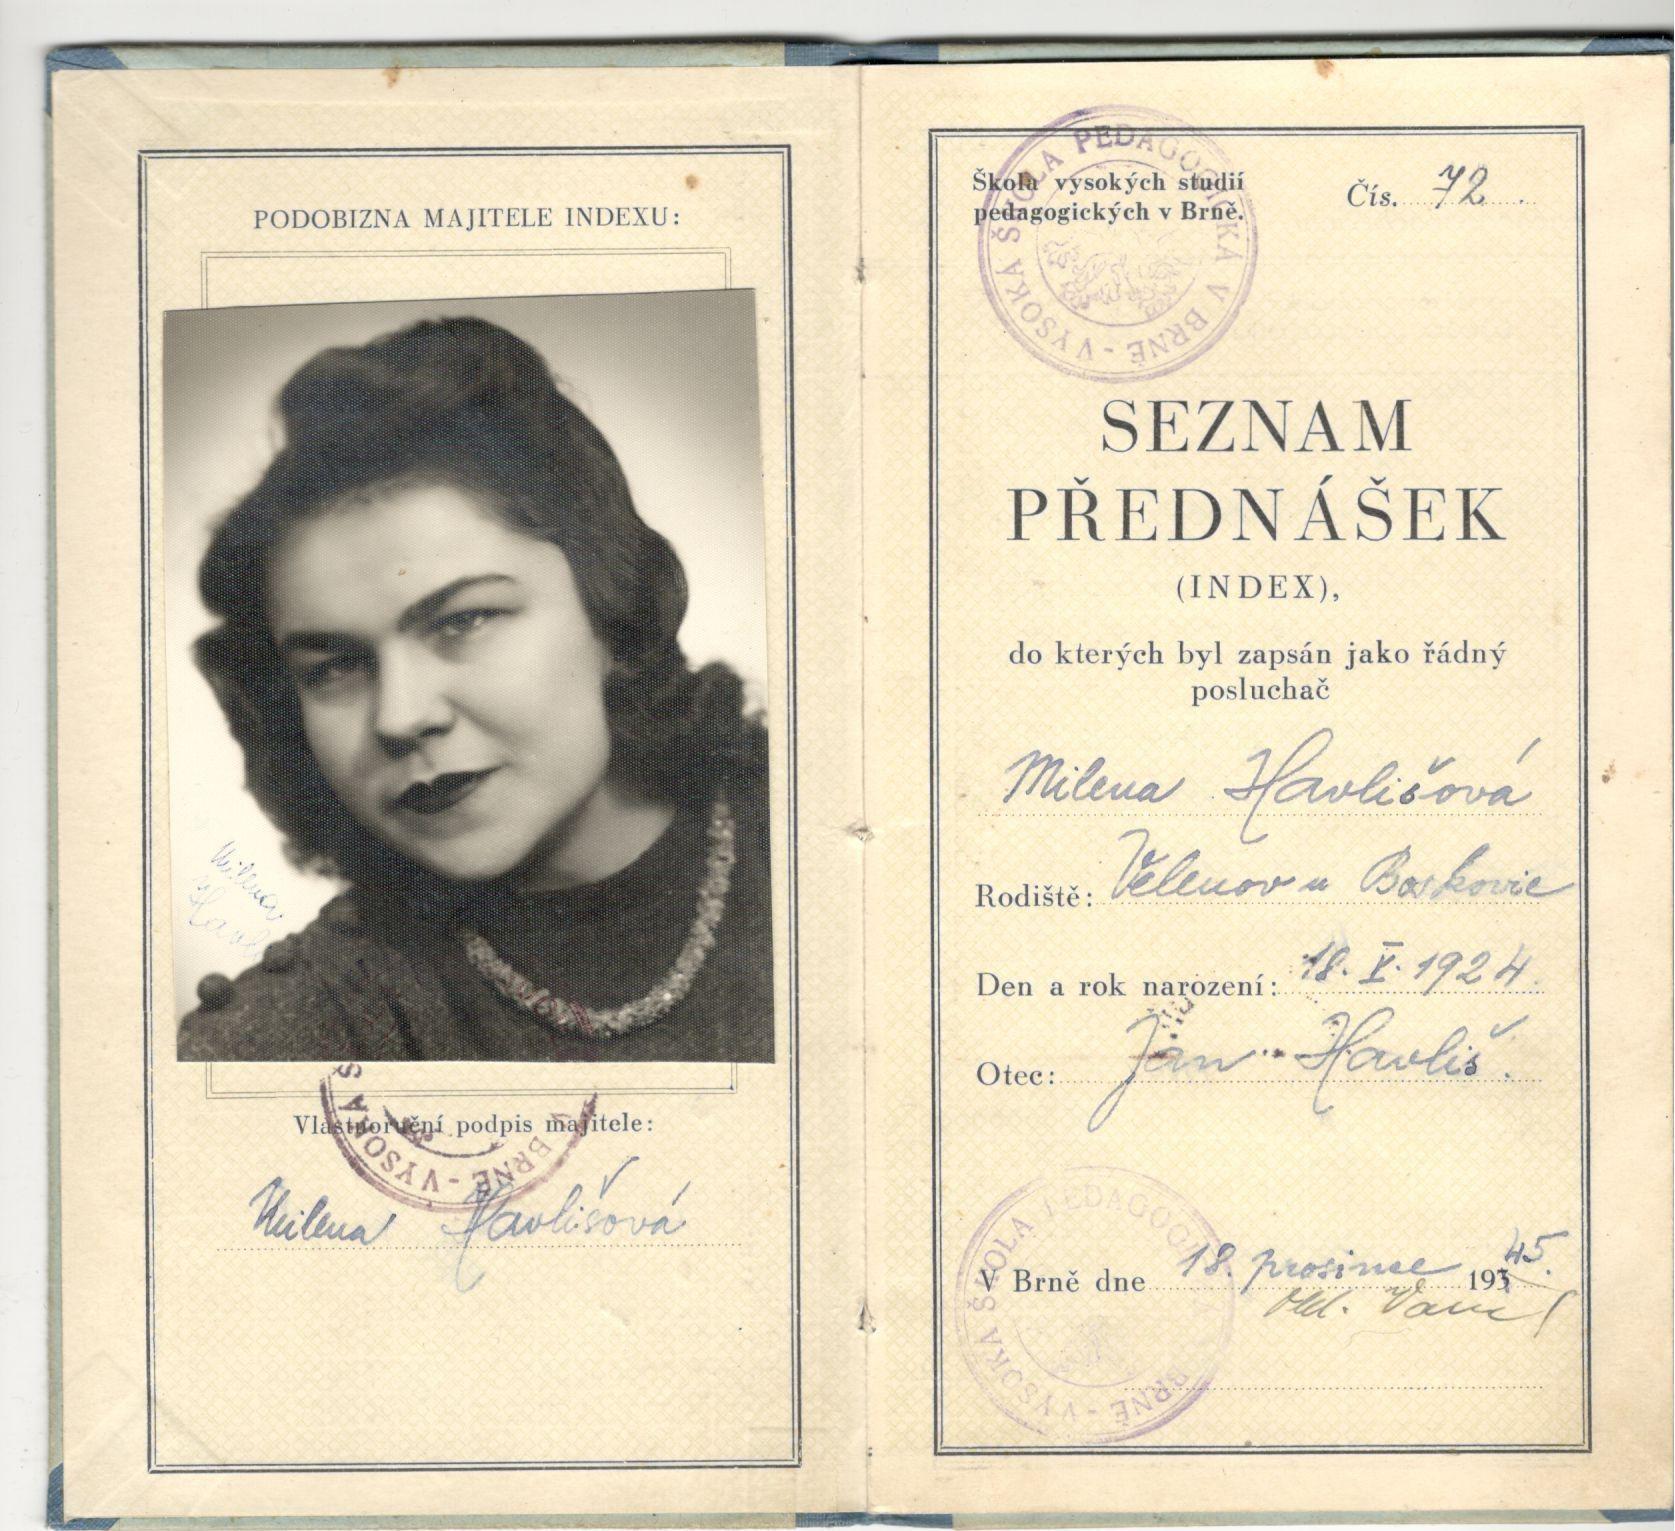 Seznam přednášek (index) - Škola vysokých studií pedagogických v Brně